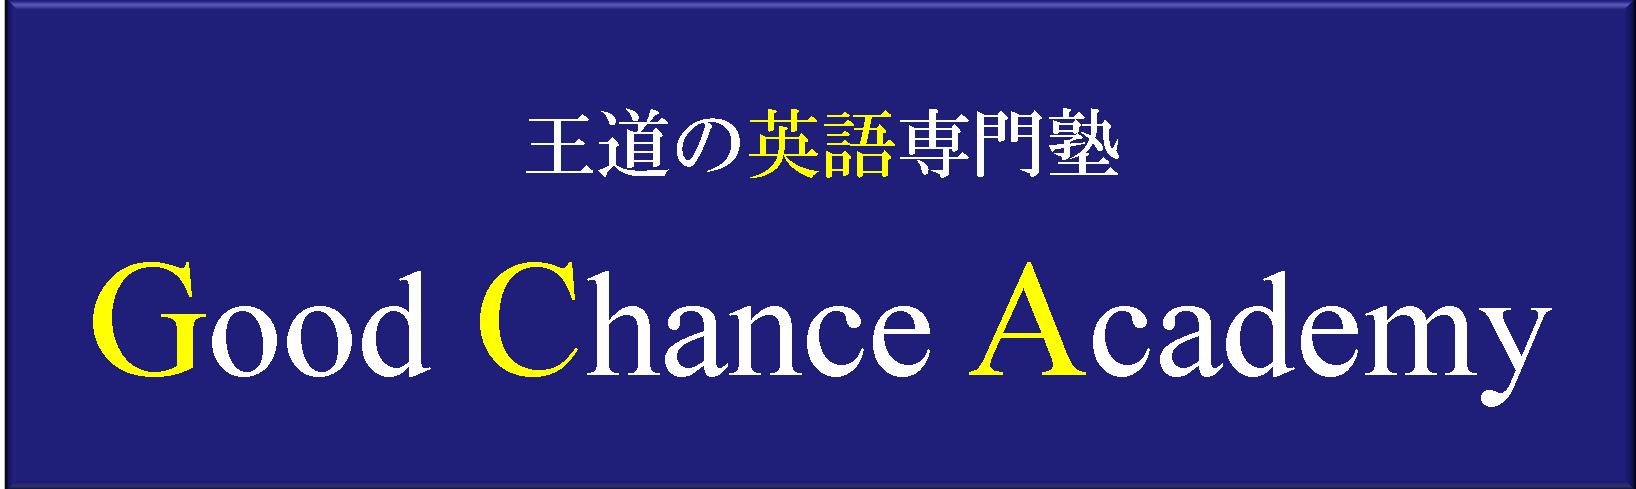 【GCA】王道の英語専門塾